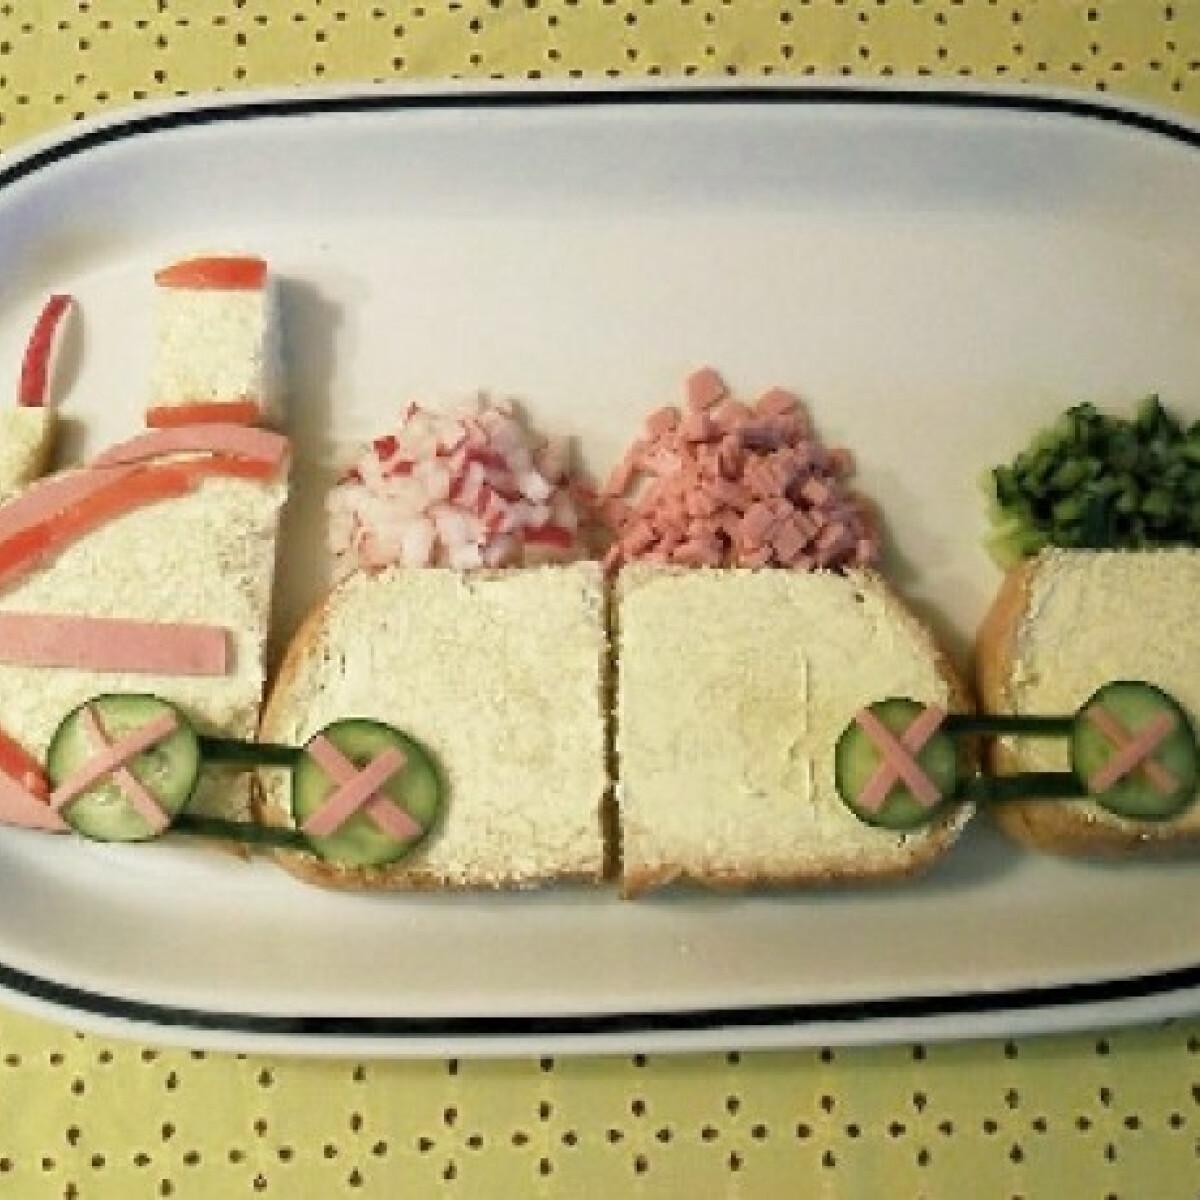 Mozdony szendvics